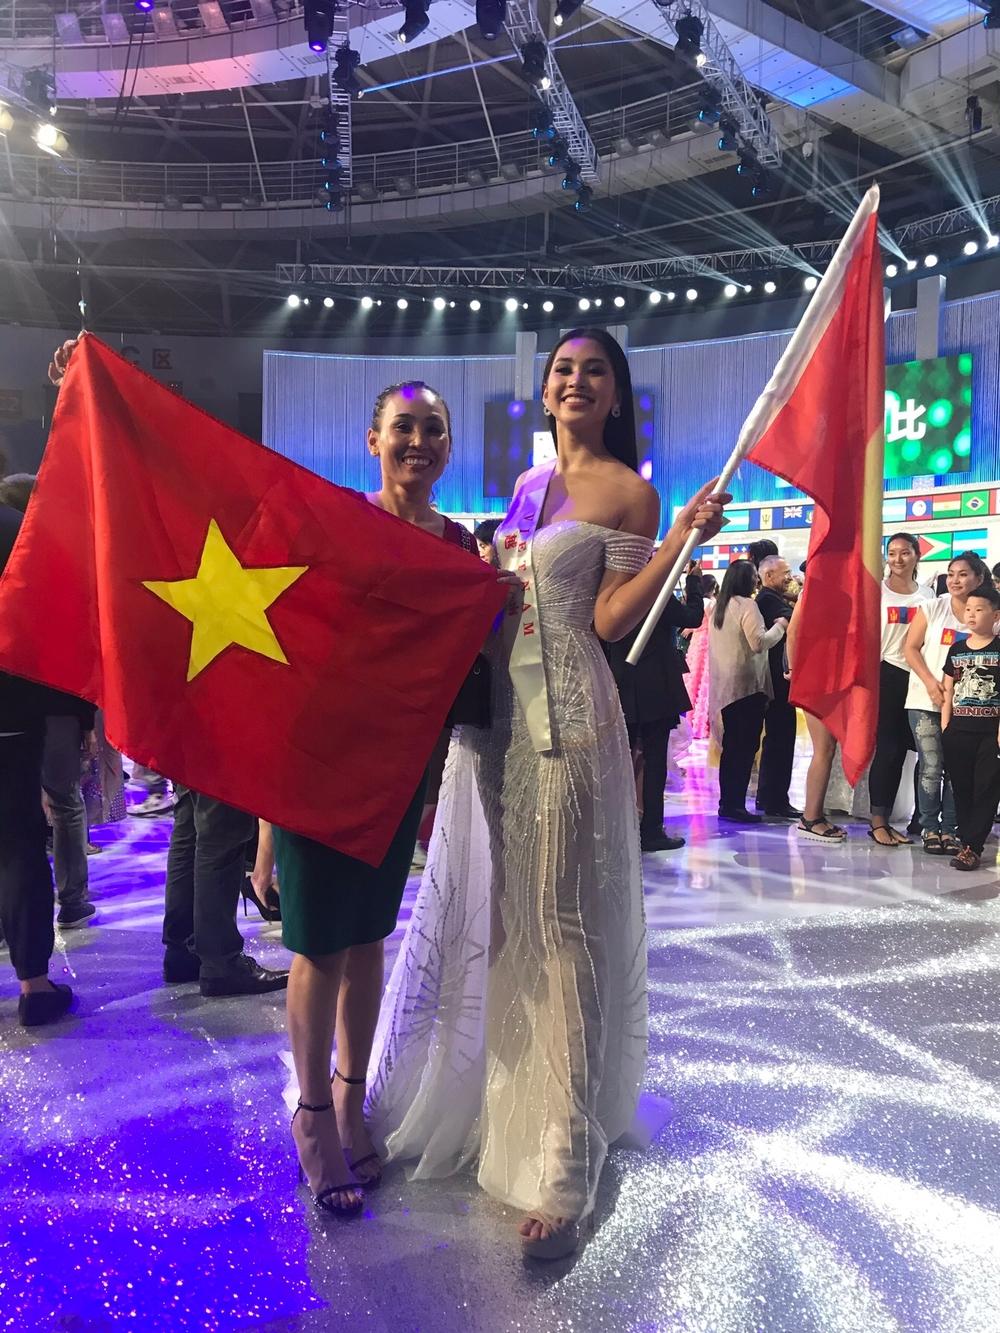 Tân Hoa hậu Thế giới 2018 bị chỉ trích nhan sắc, Hoa hậu Trần Tiểu Vy nói gì? - Tin sao Viet - Tin tuc sao Viet - Scandal sao Viet - Tin tuc cua Sao - Tin cua Sao